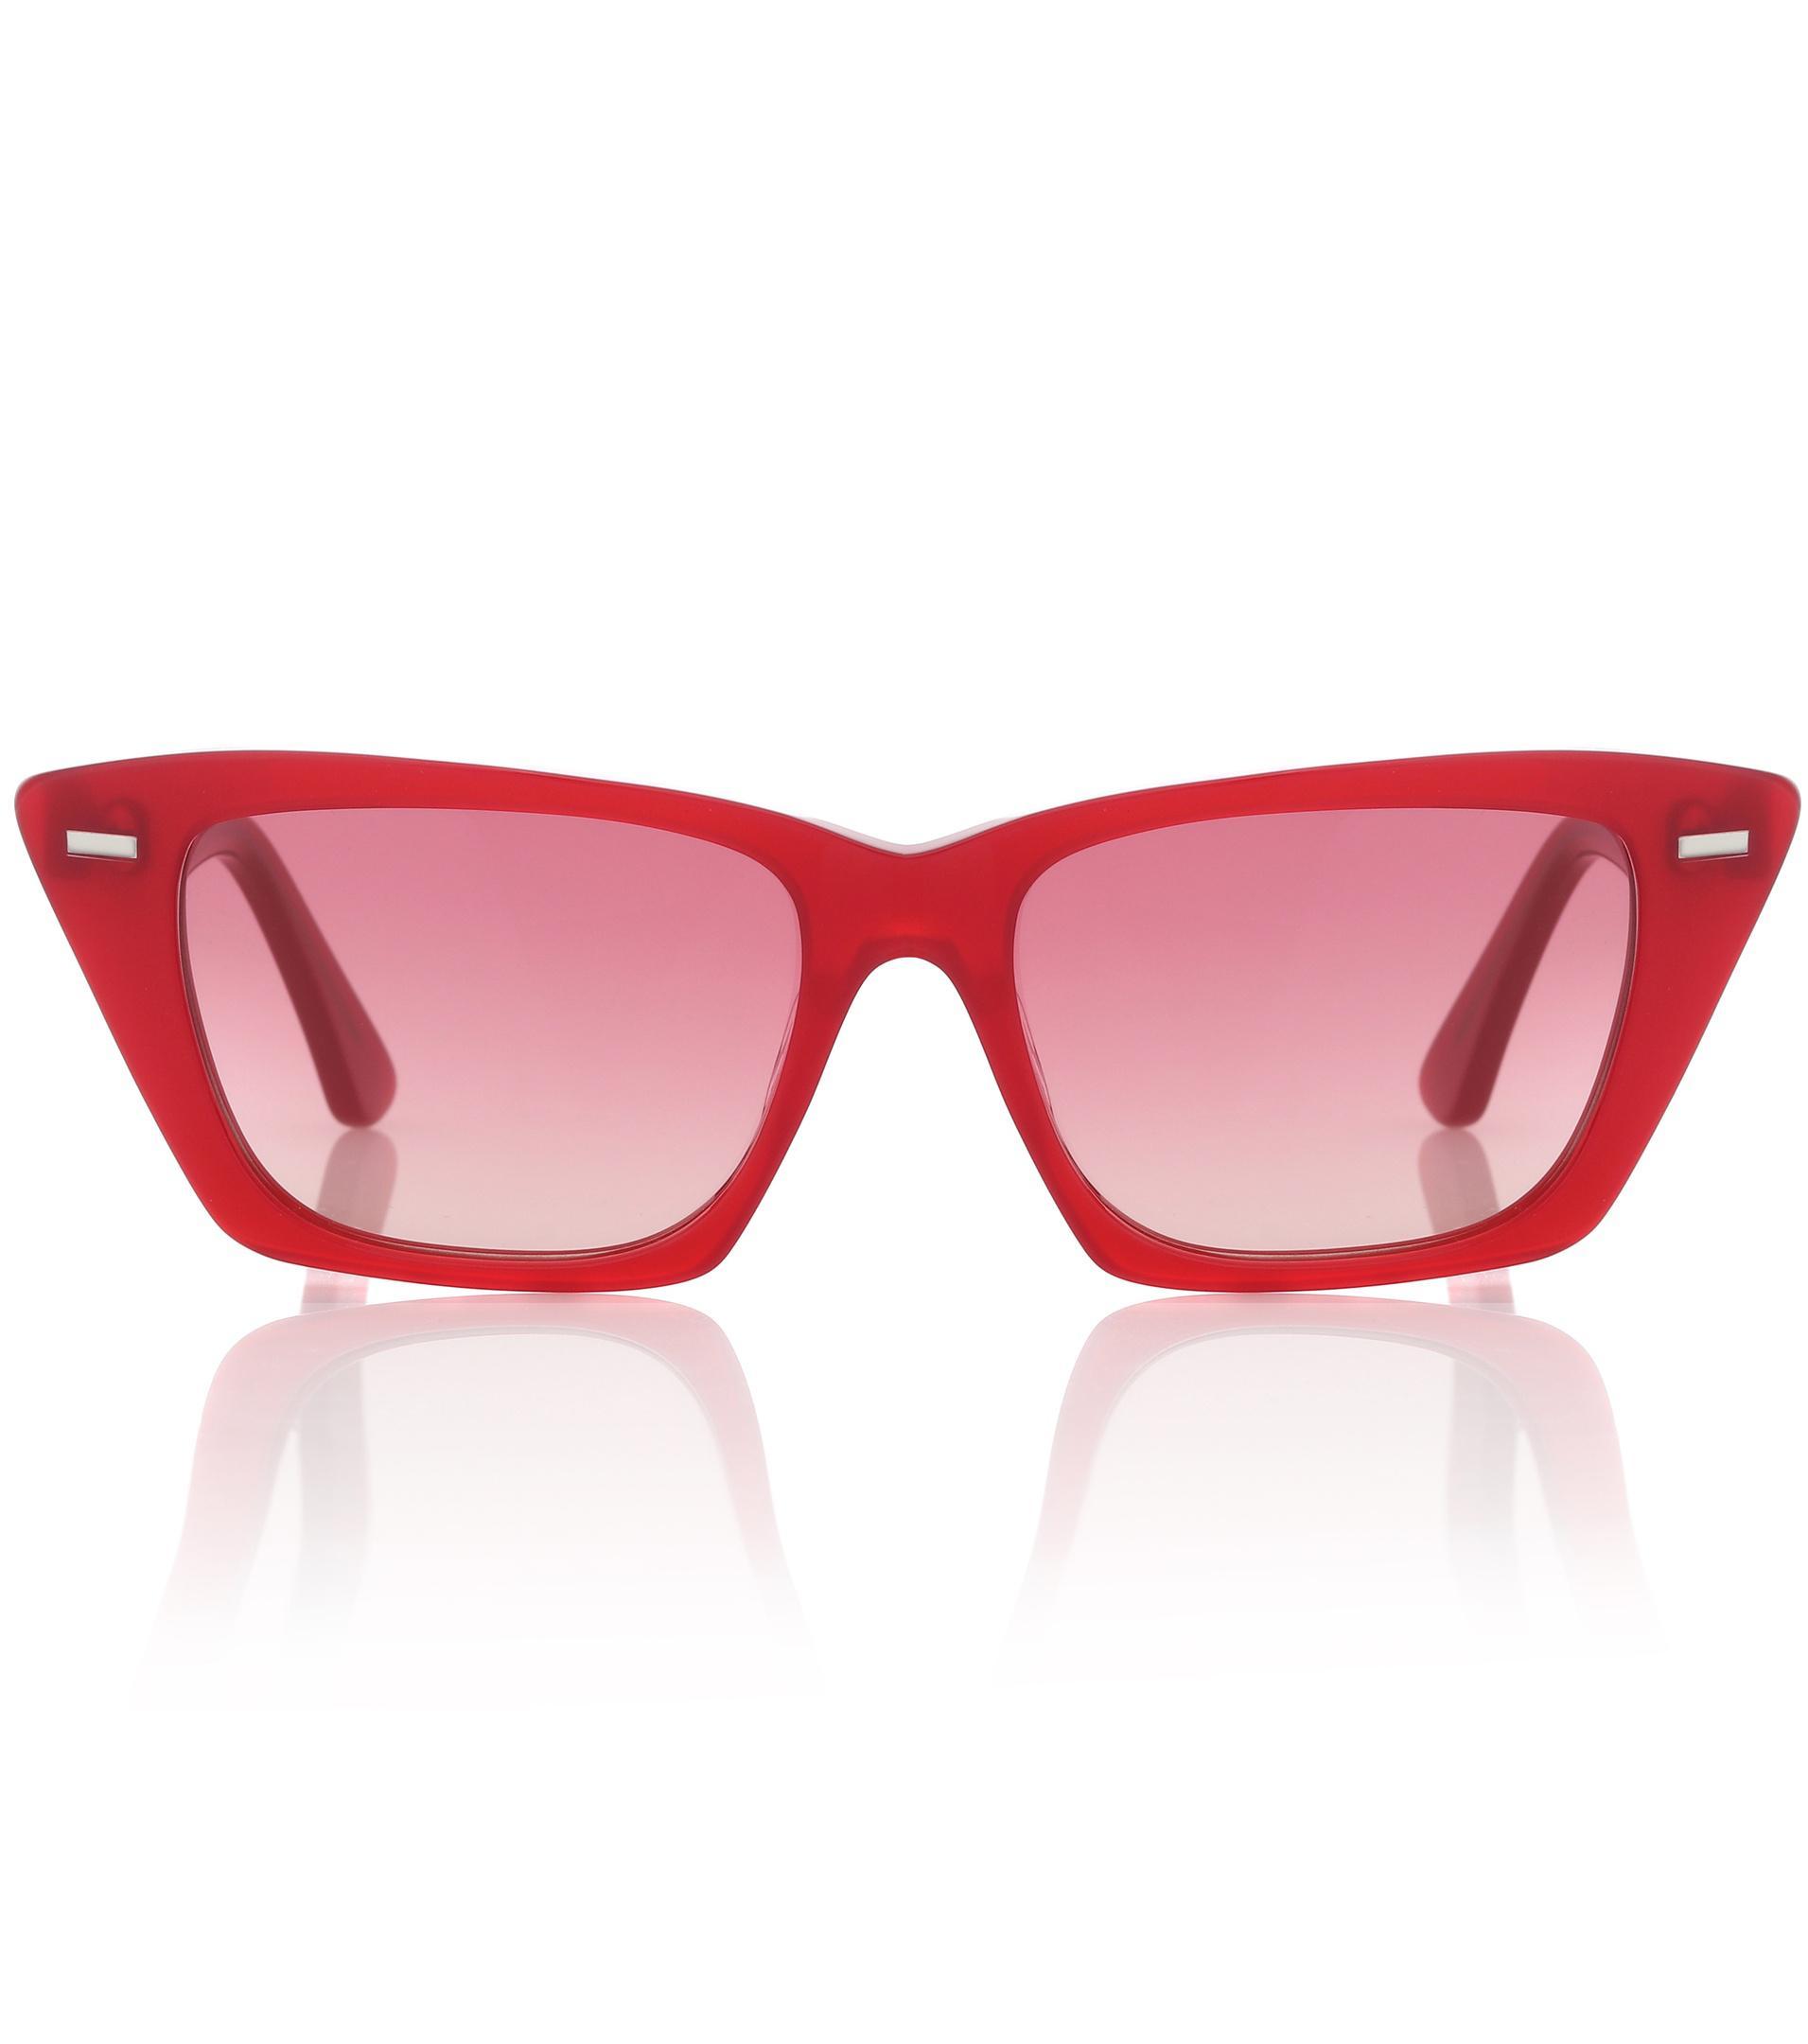 8fb55e8a8d1 Lyst - Lunettes de soleil Ingrid Acne Studios en coloris Rouge - 41 ...